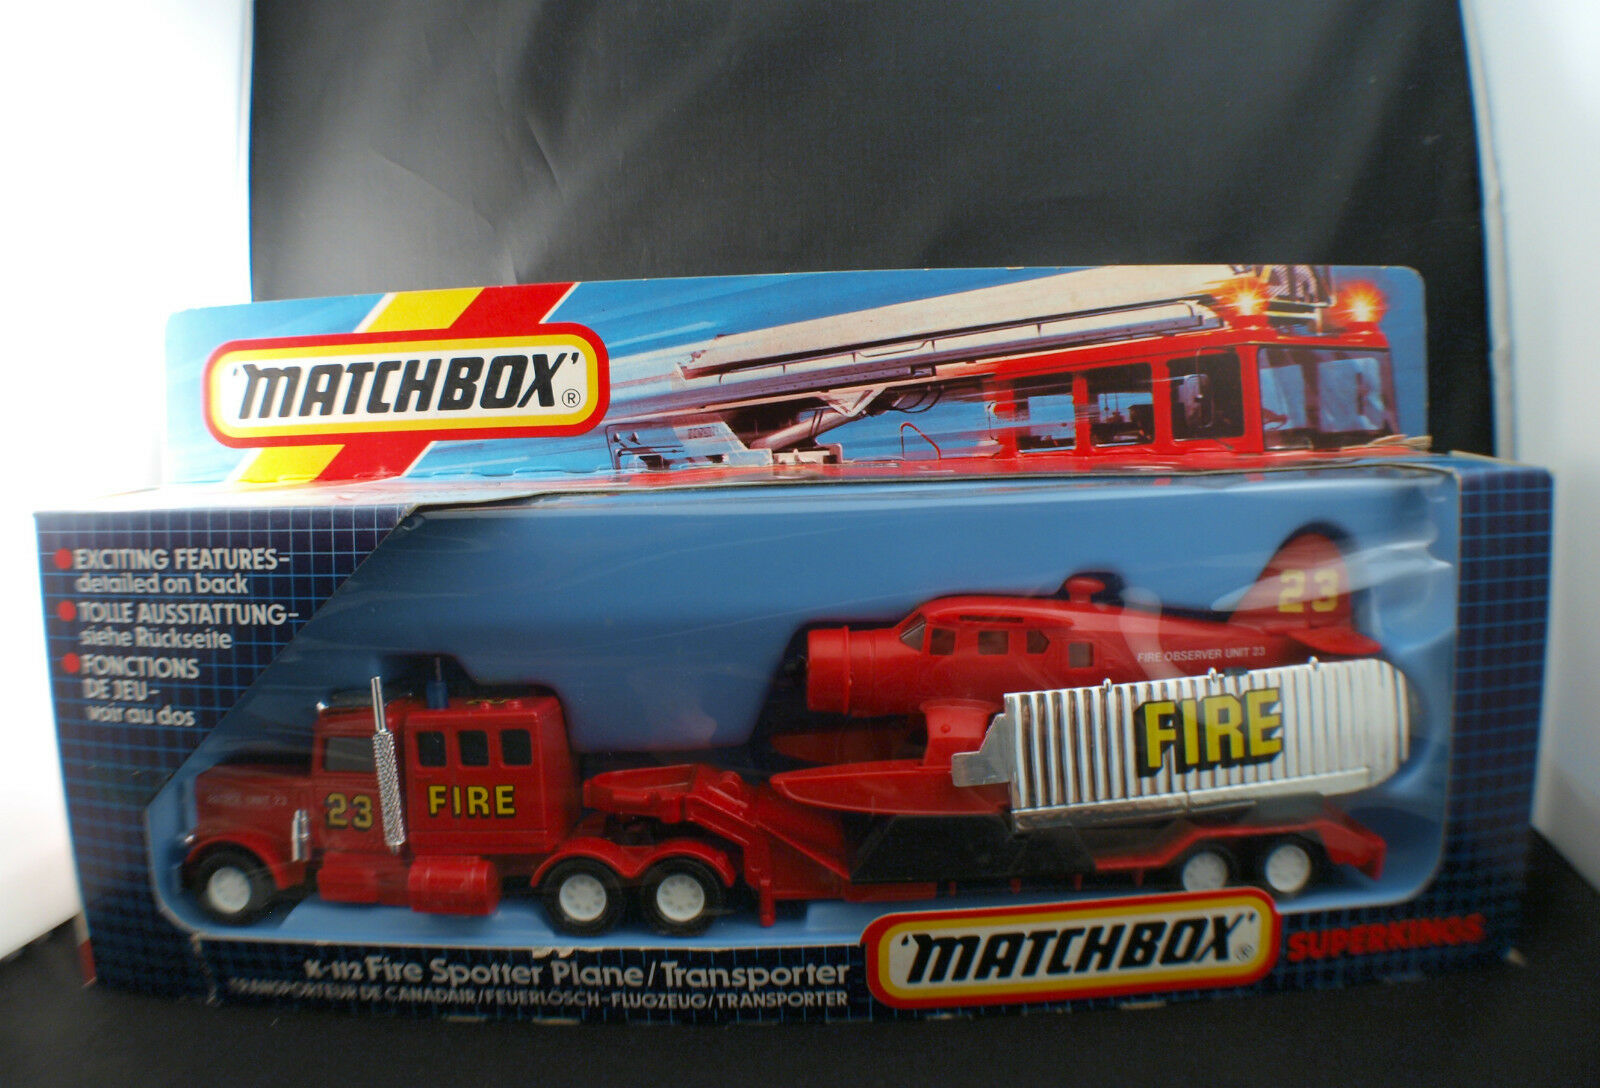 Matchbox K-112 Fire Spotter pompier Plane transporter pompier Spotter porte avion neuf mint 5732a3